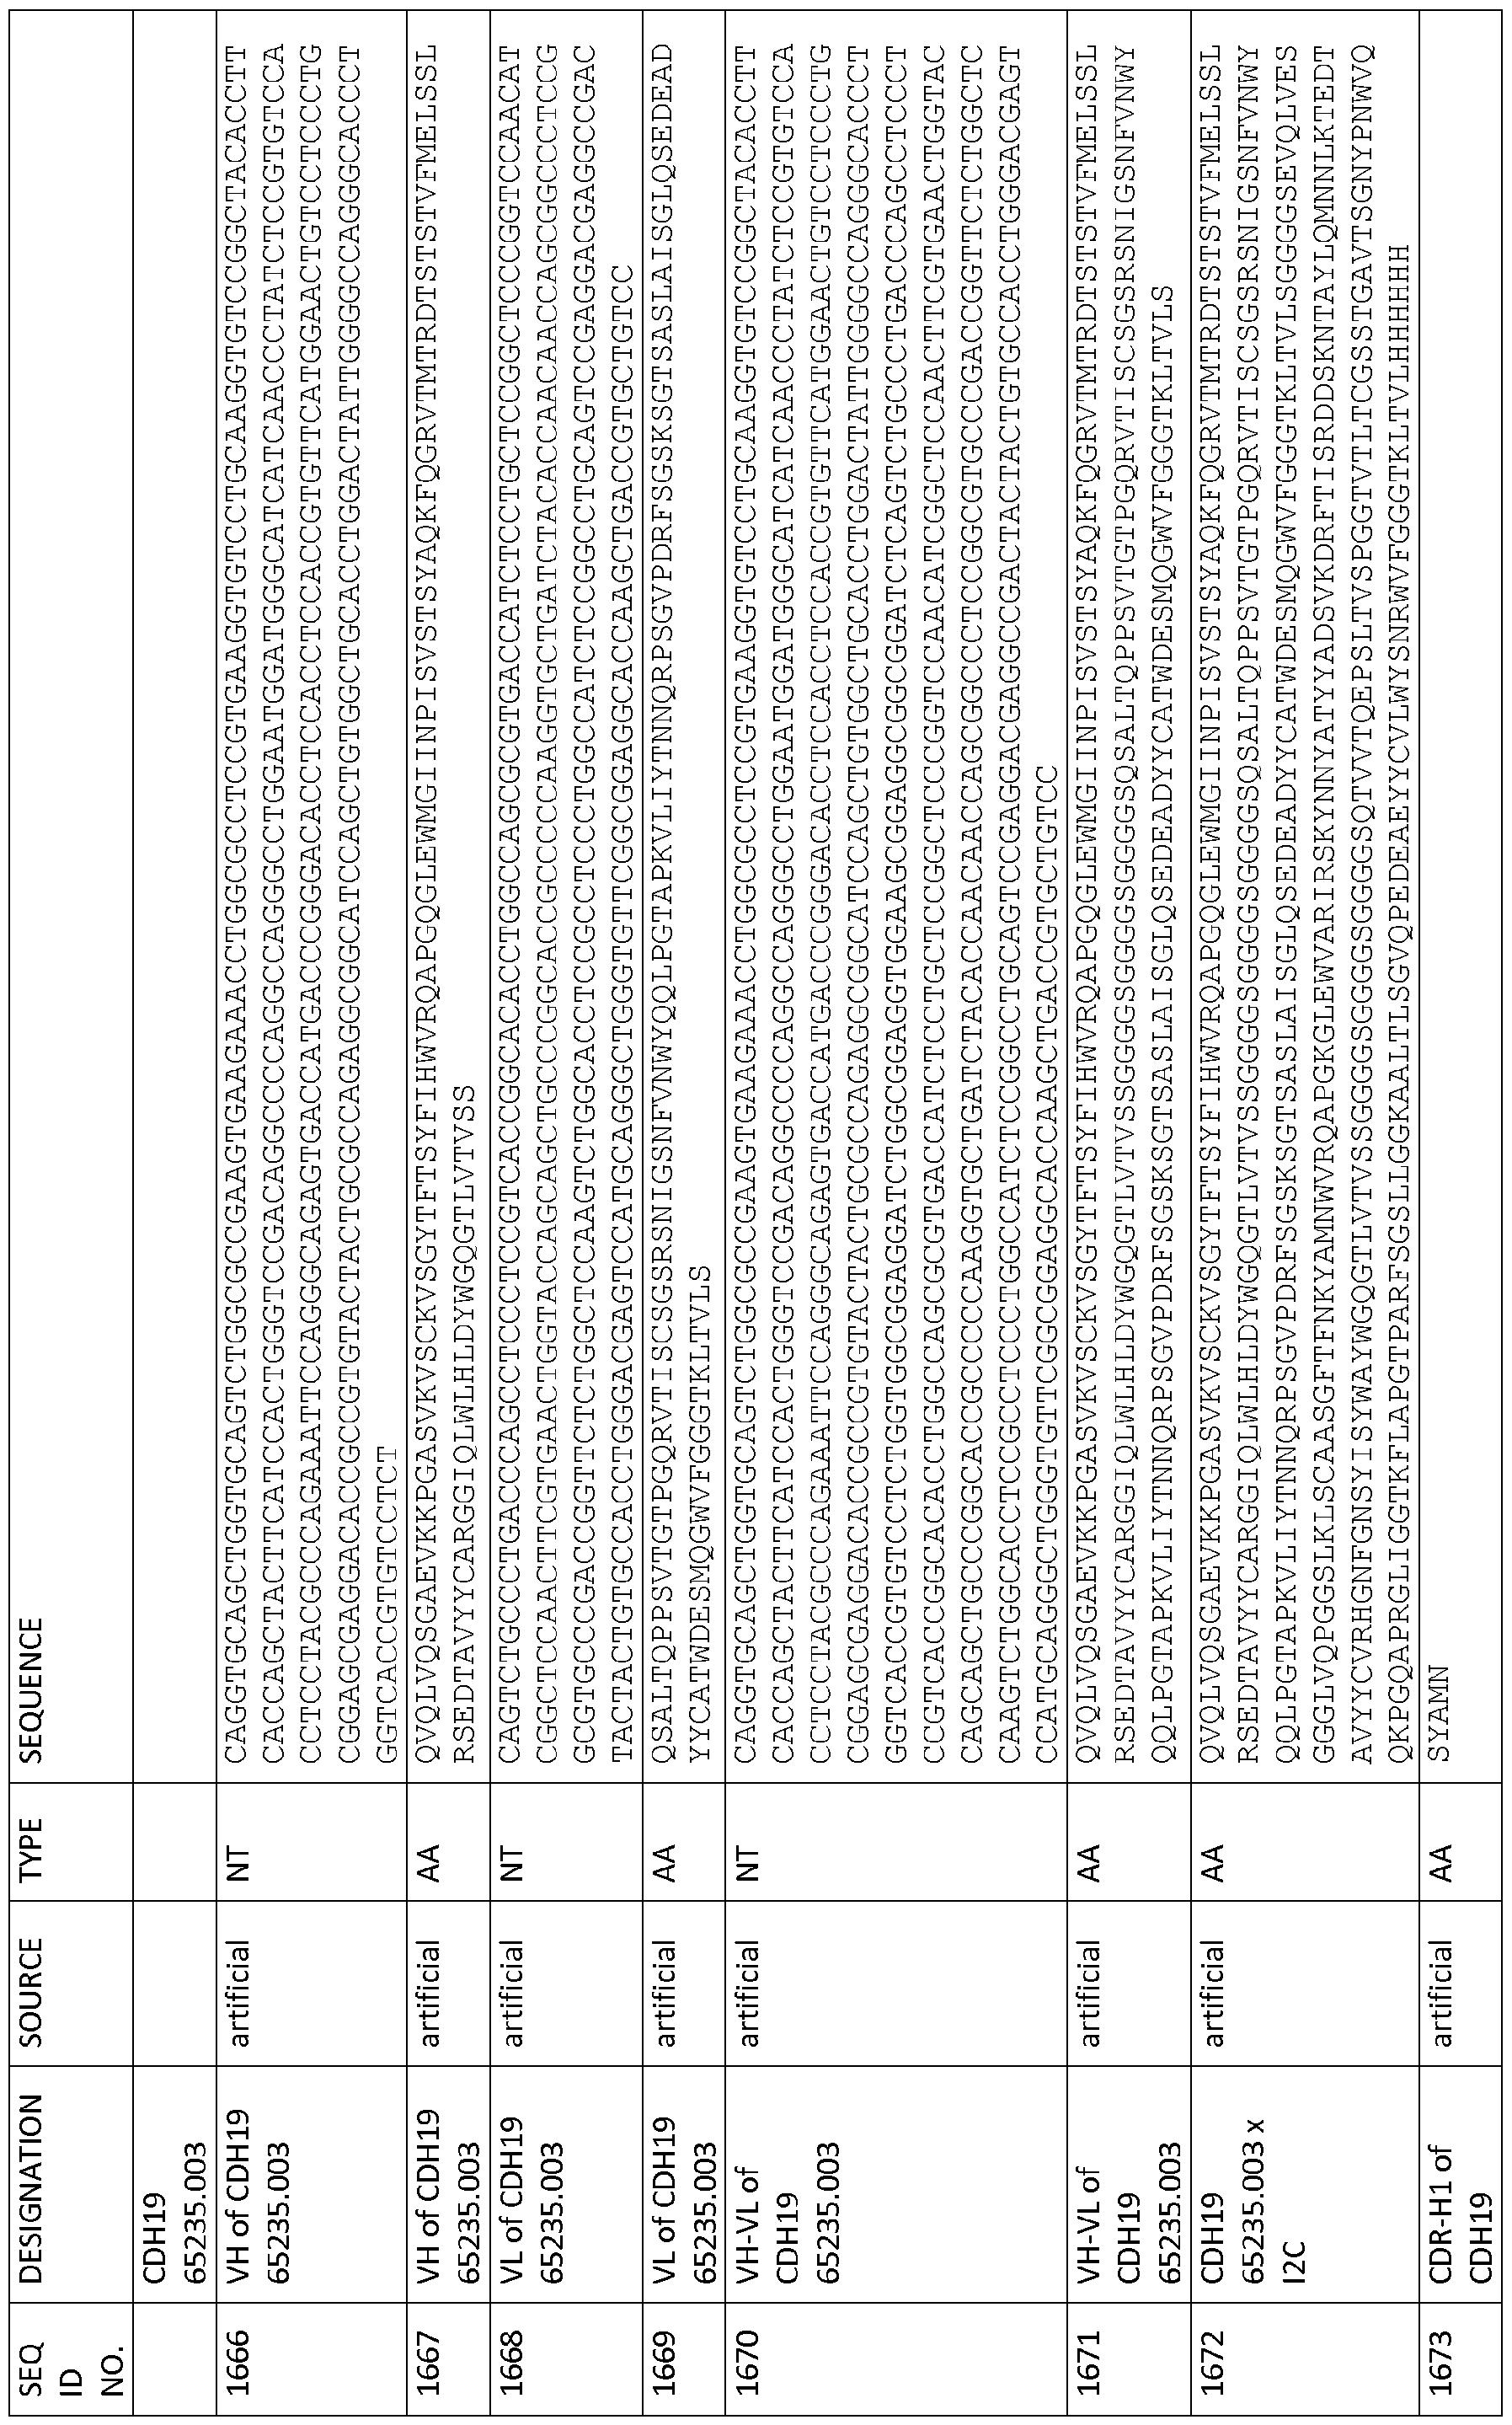 Figure imgf000305_0001